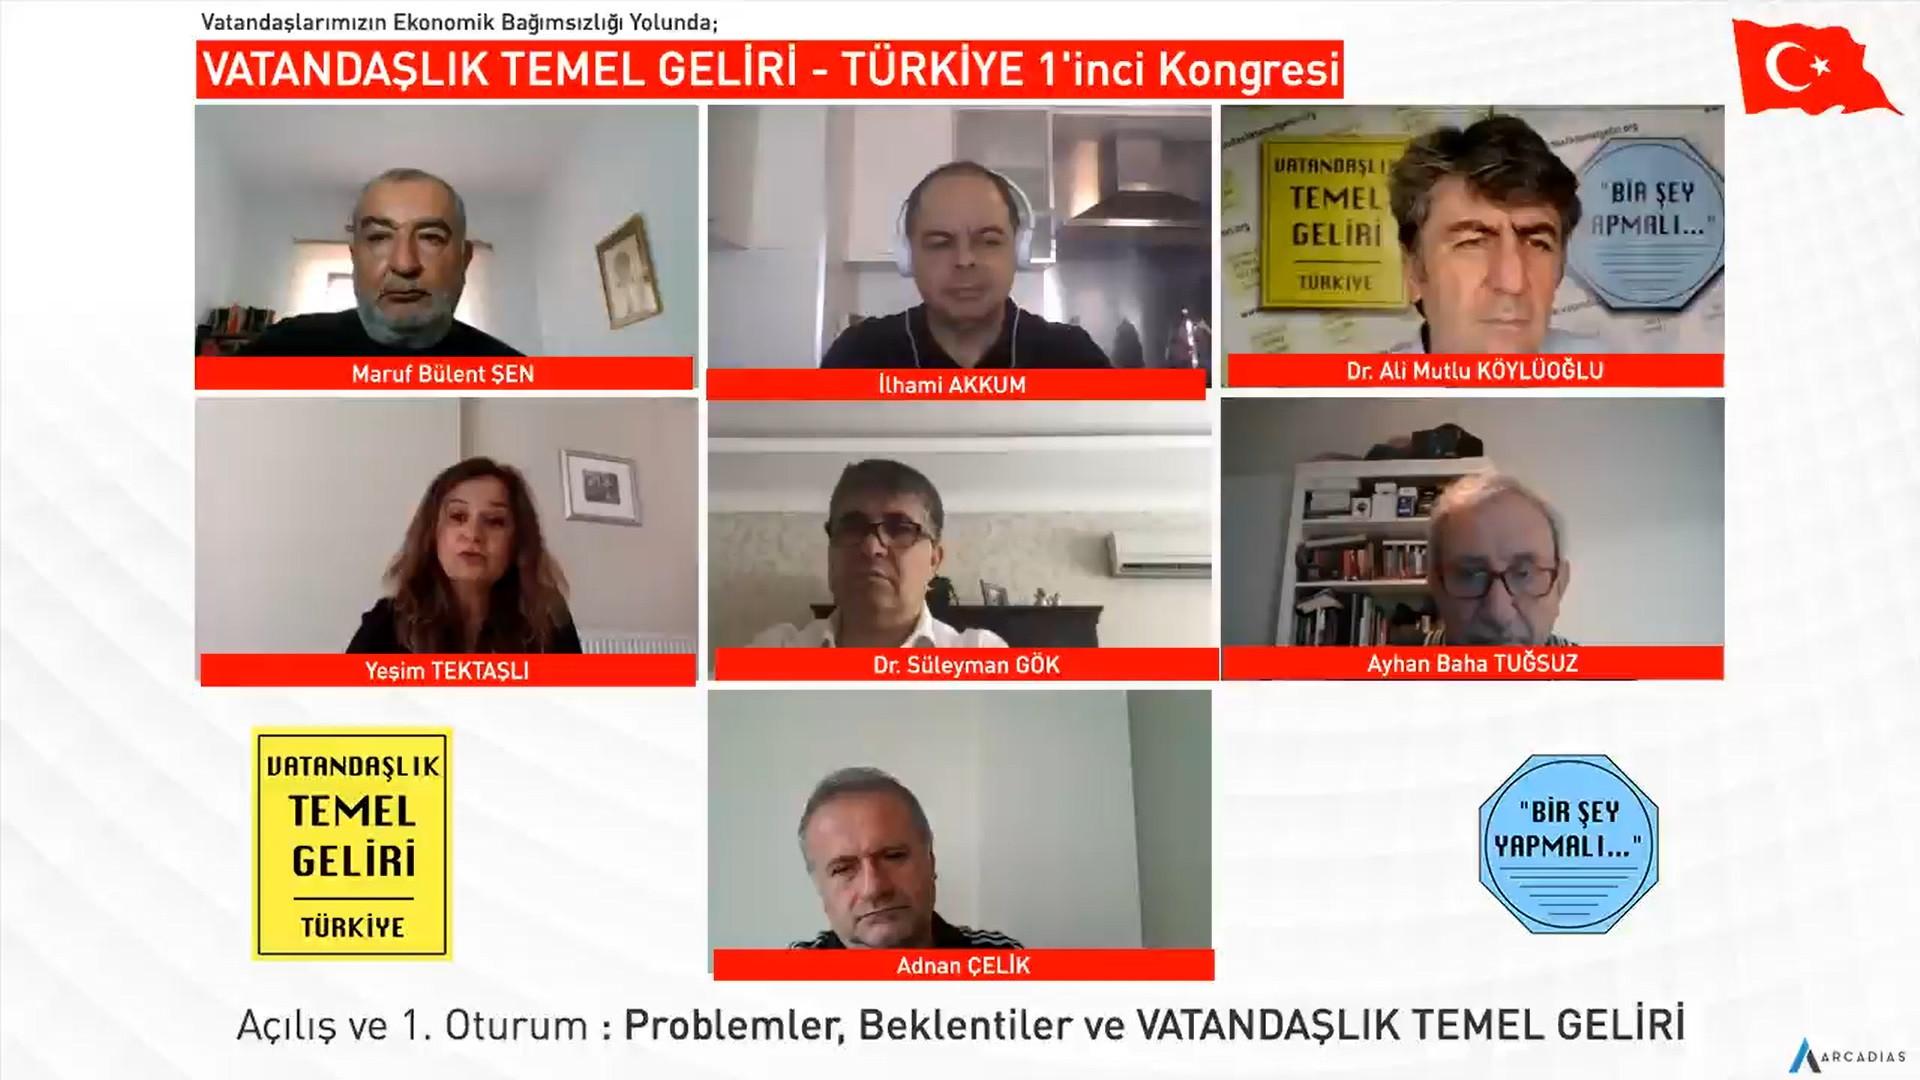 VATANDAŞLIK TEMEL GELİRİ - TÜRKİYE 1'inci Kongresi - 16 Mayıs 2020 - Açılış ve 1. Oturum - Problemler, Beklentiler ve VTG